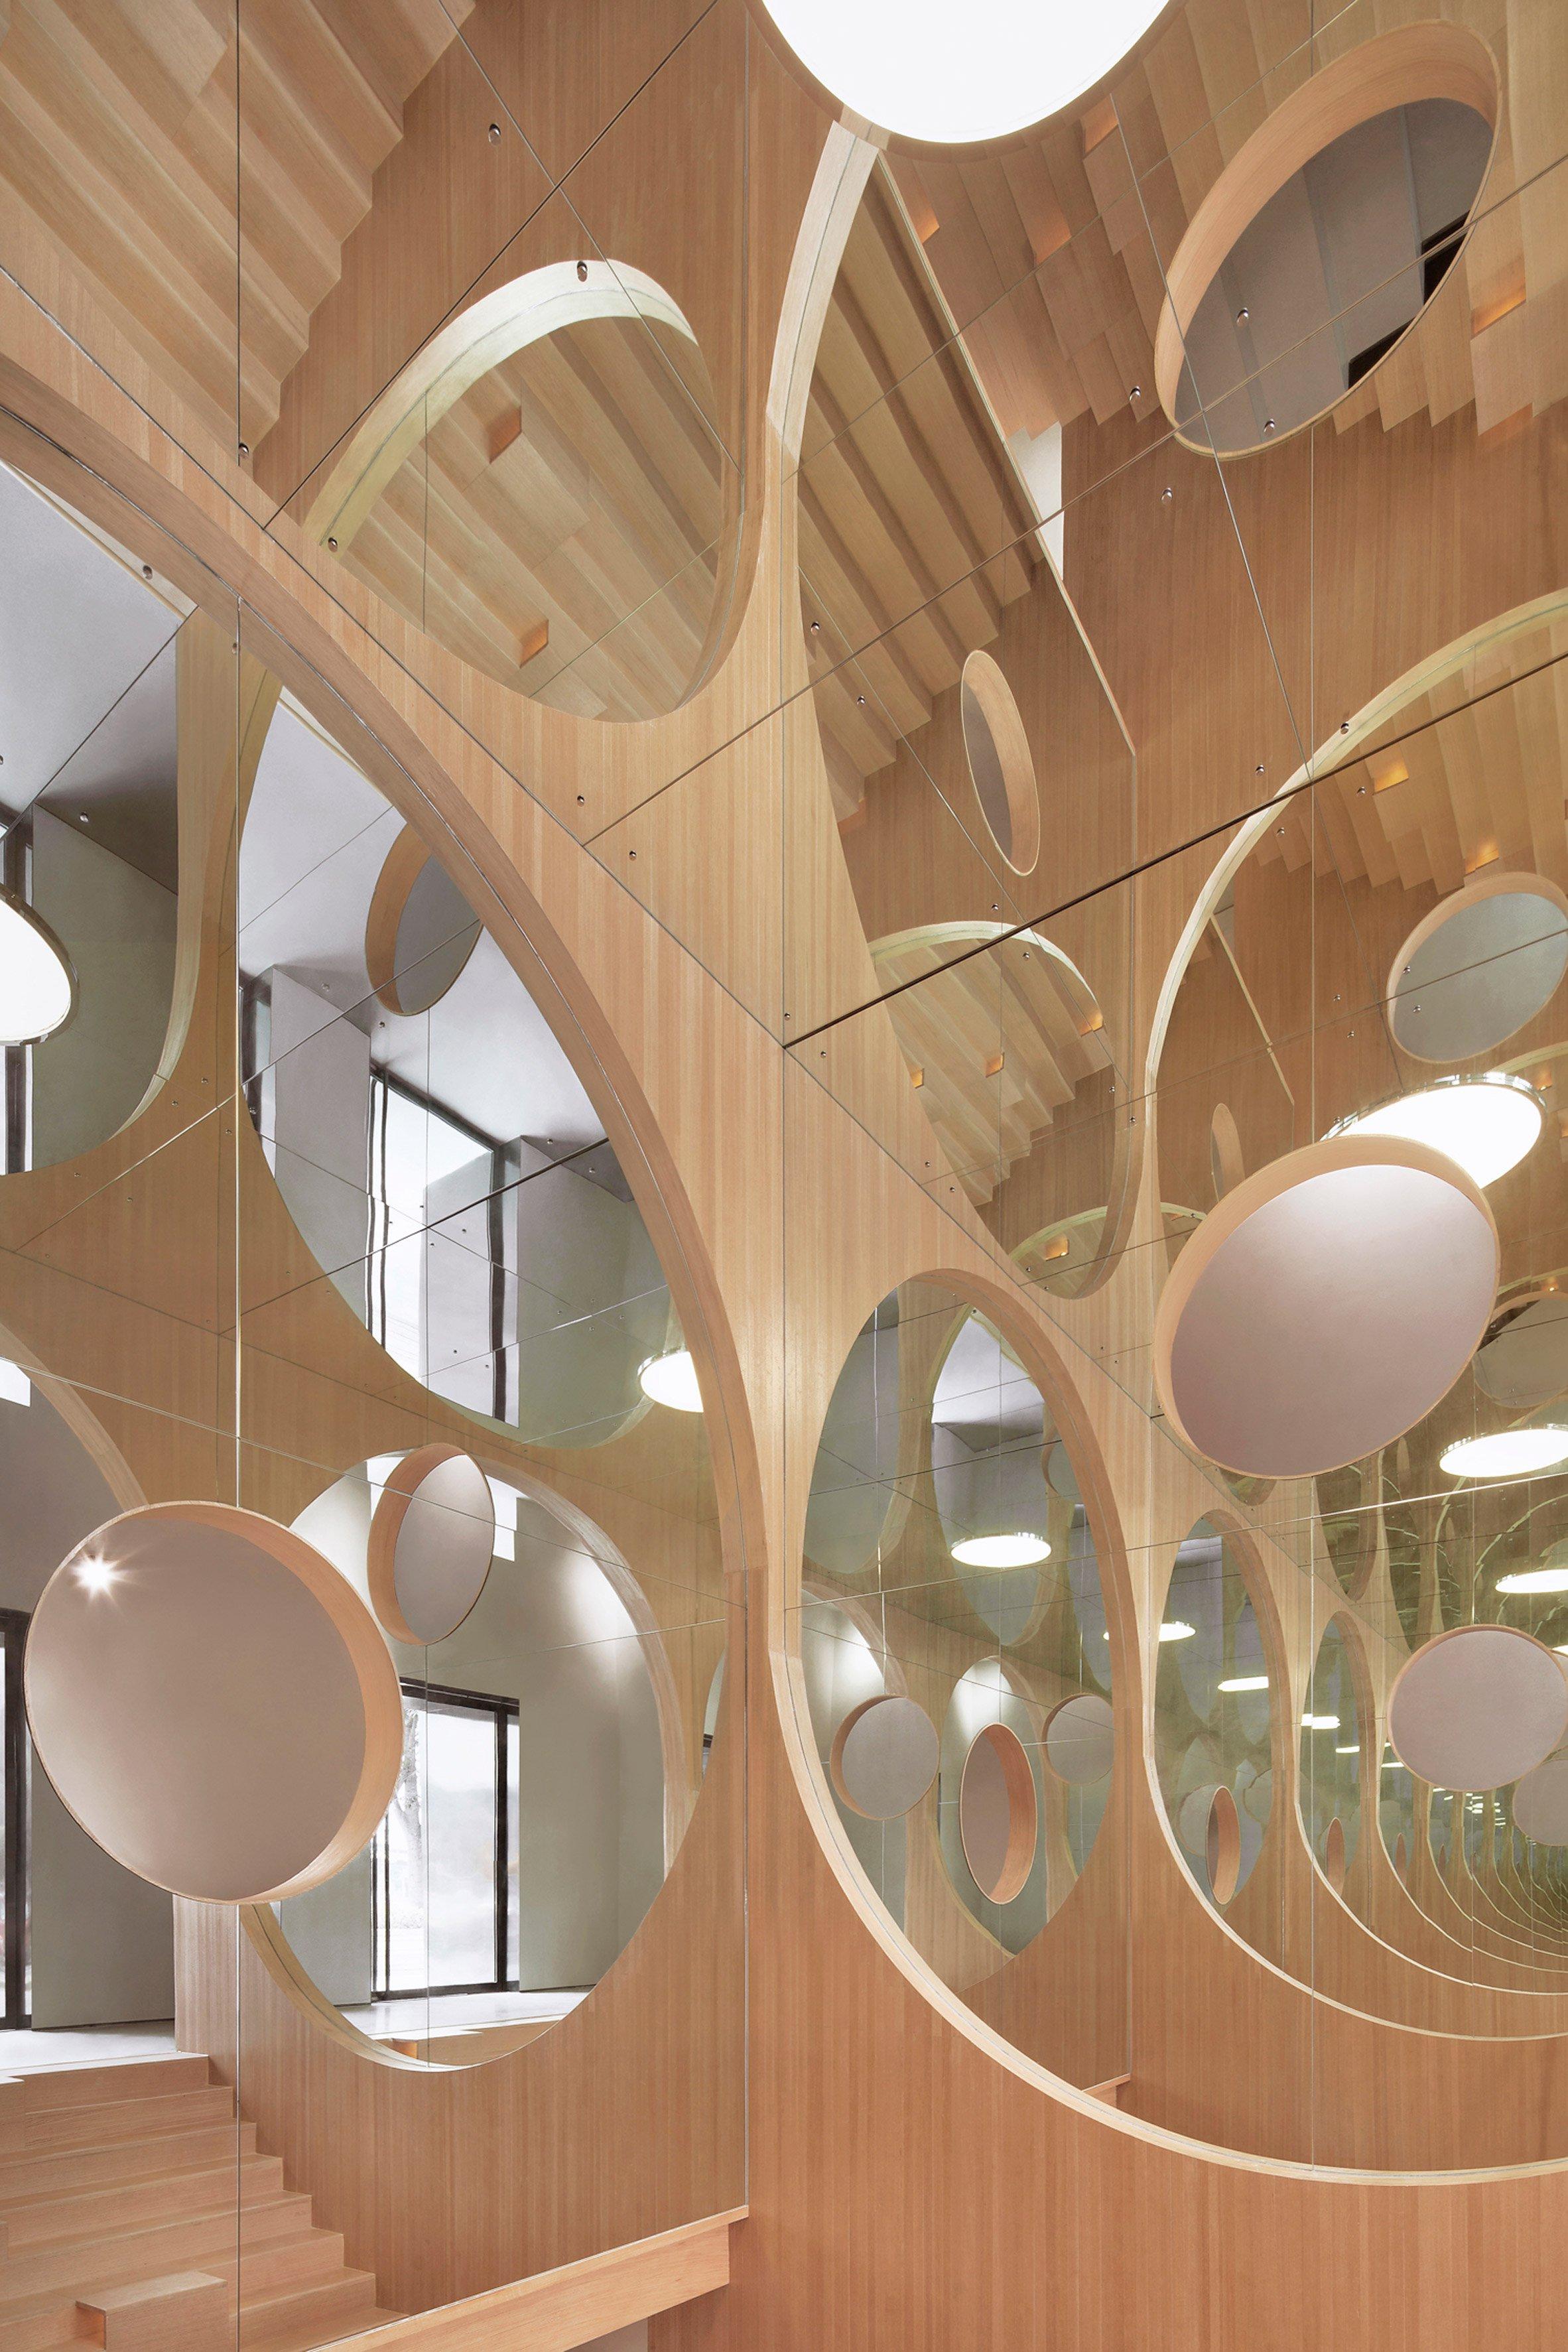 penda-hongkun-art-auditorium-beijing-architecture_dezeen_2364_col_5